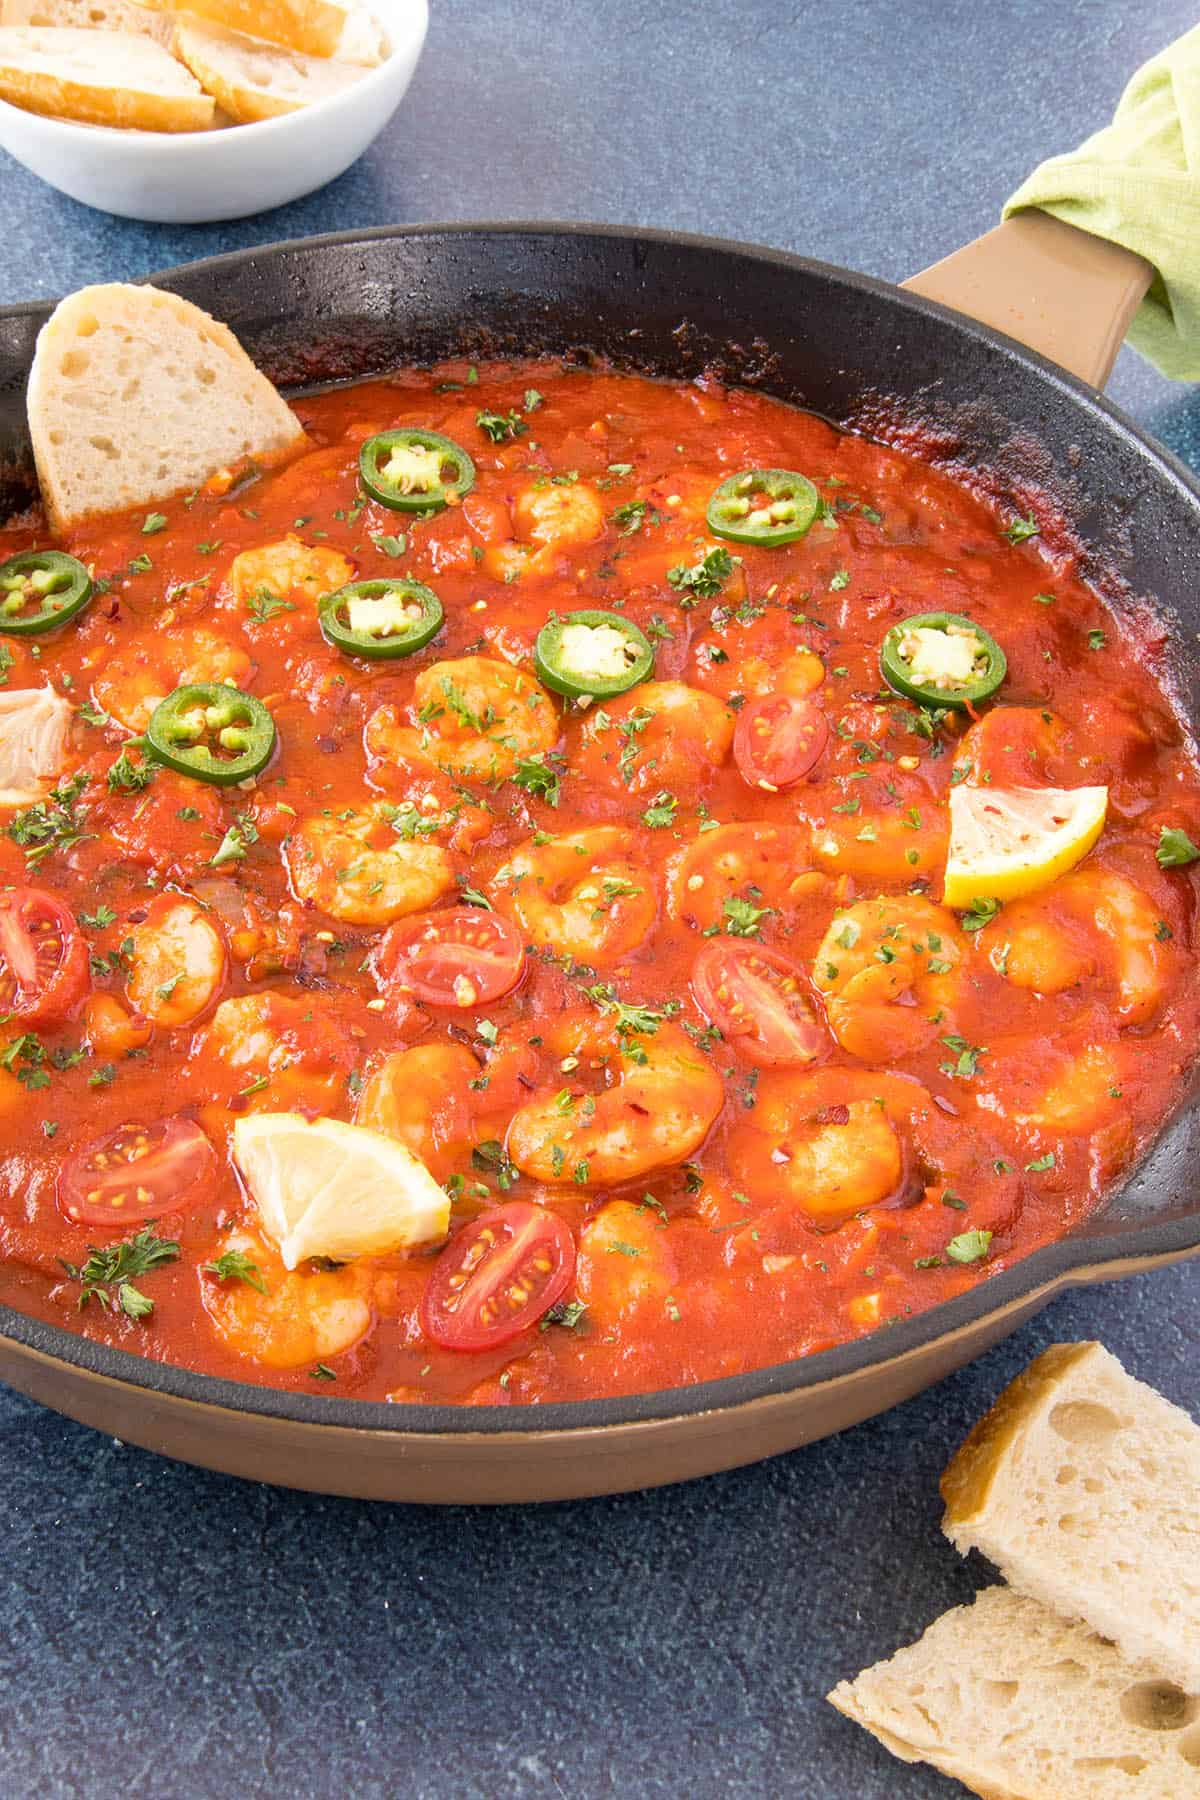 Spicy Cajun Shrimp - In a pan